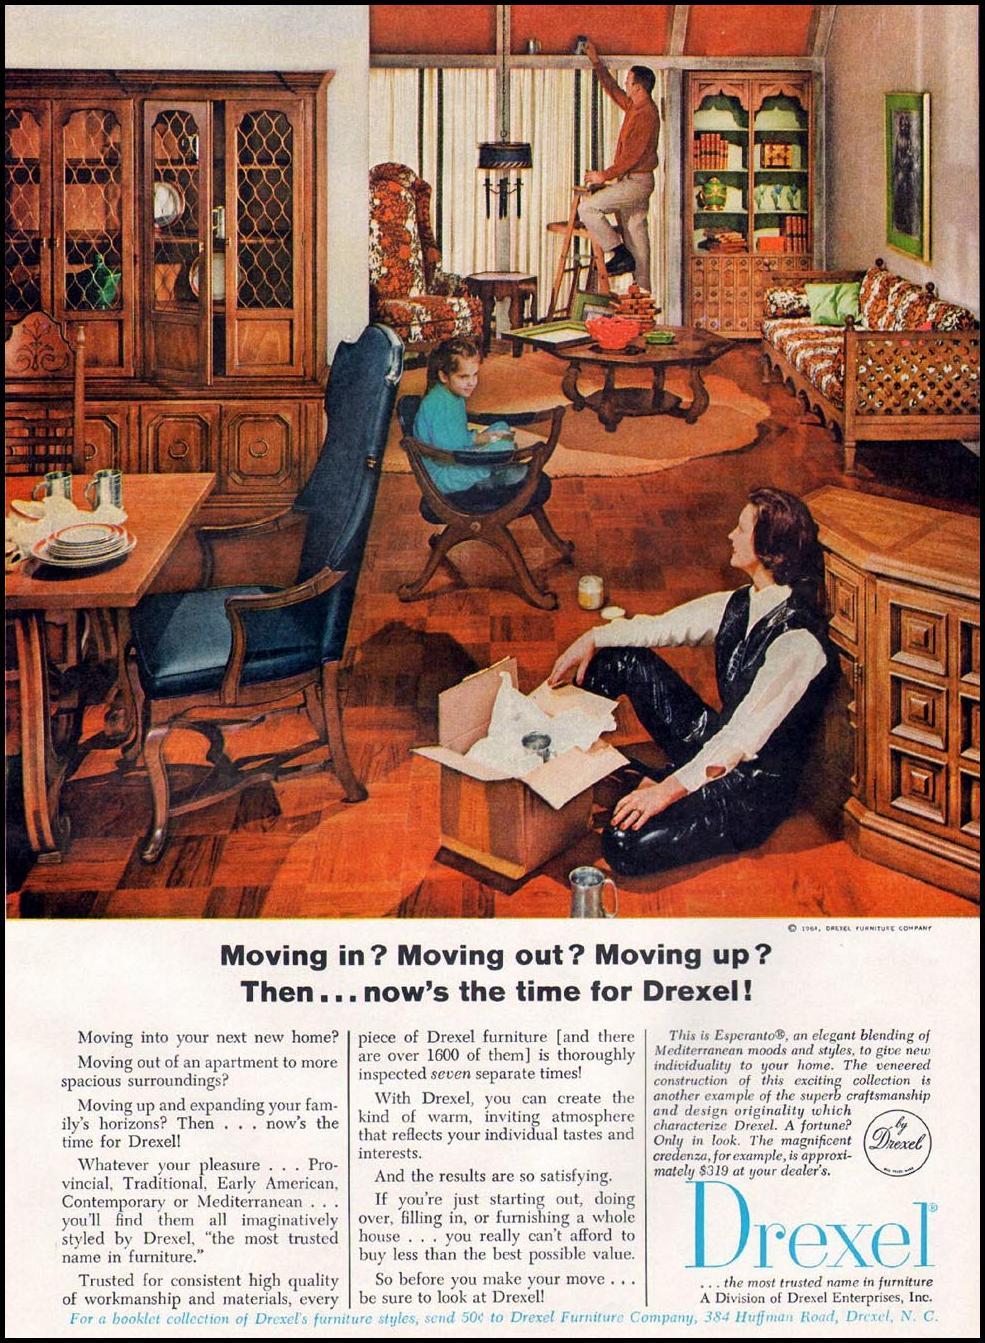 DREXEL FURNITURE GOOD HOUSEKEEPING 10/01/1965 P. 189